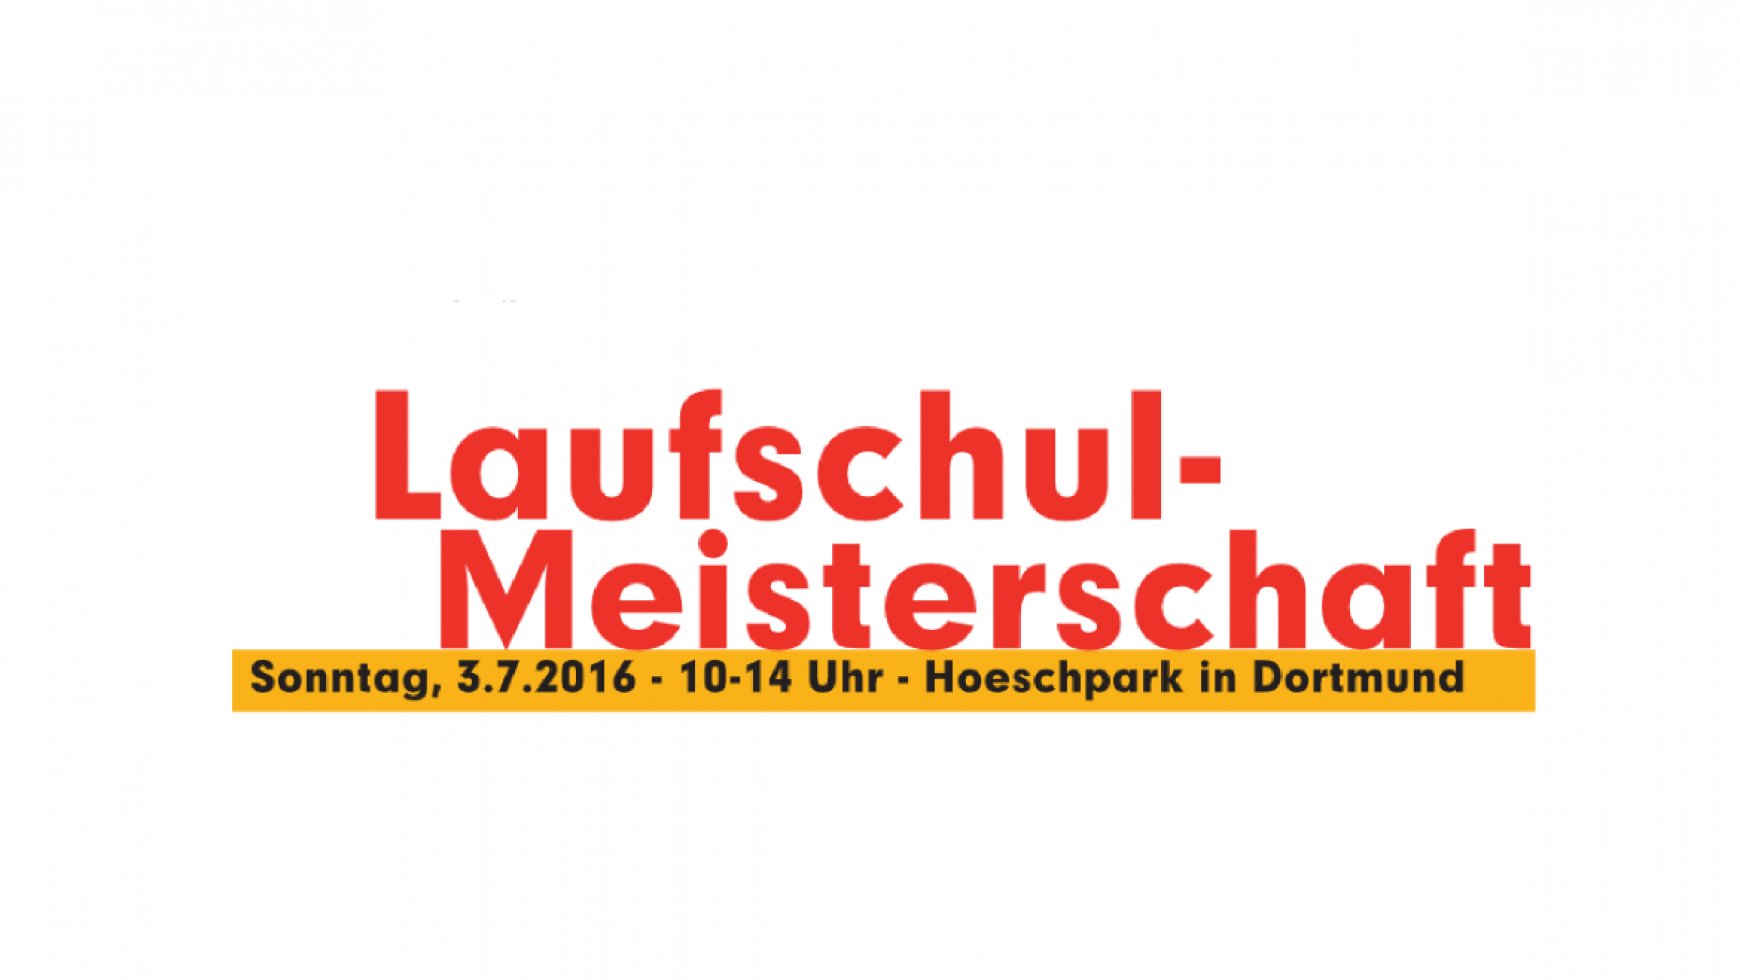 1. Laufschul-Meisterschaften